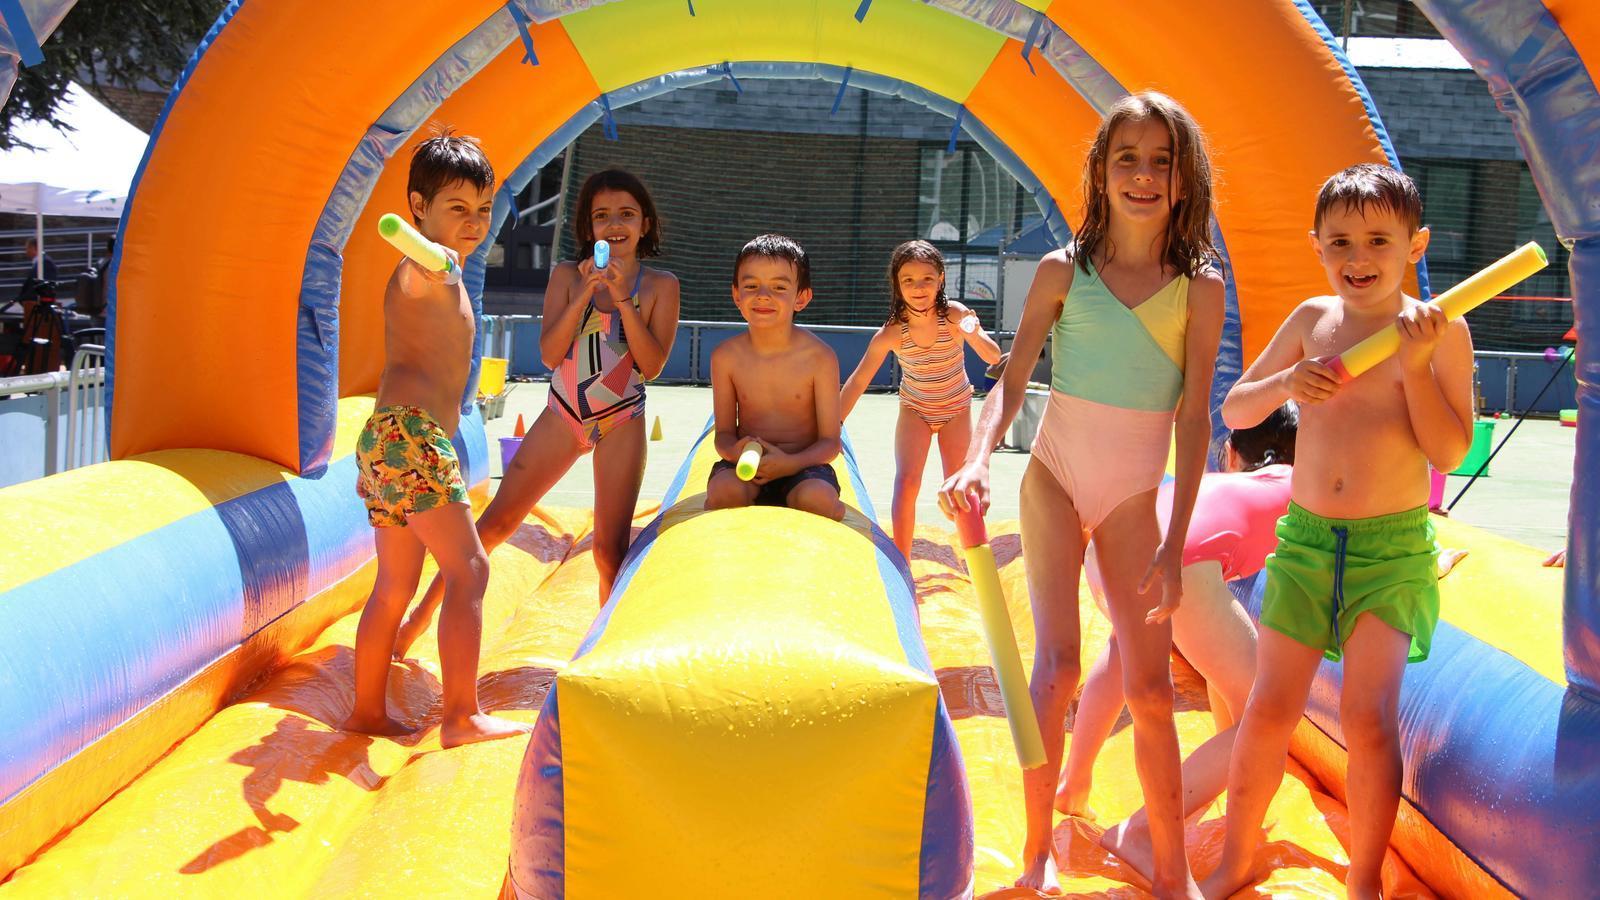 Un grup d'infants jugant en els inflables del nou aquaparc. / C. A.